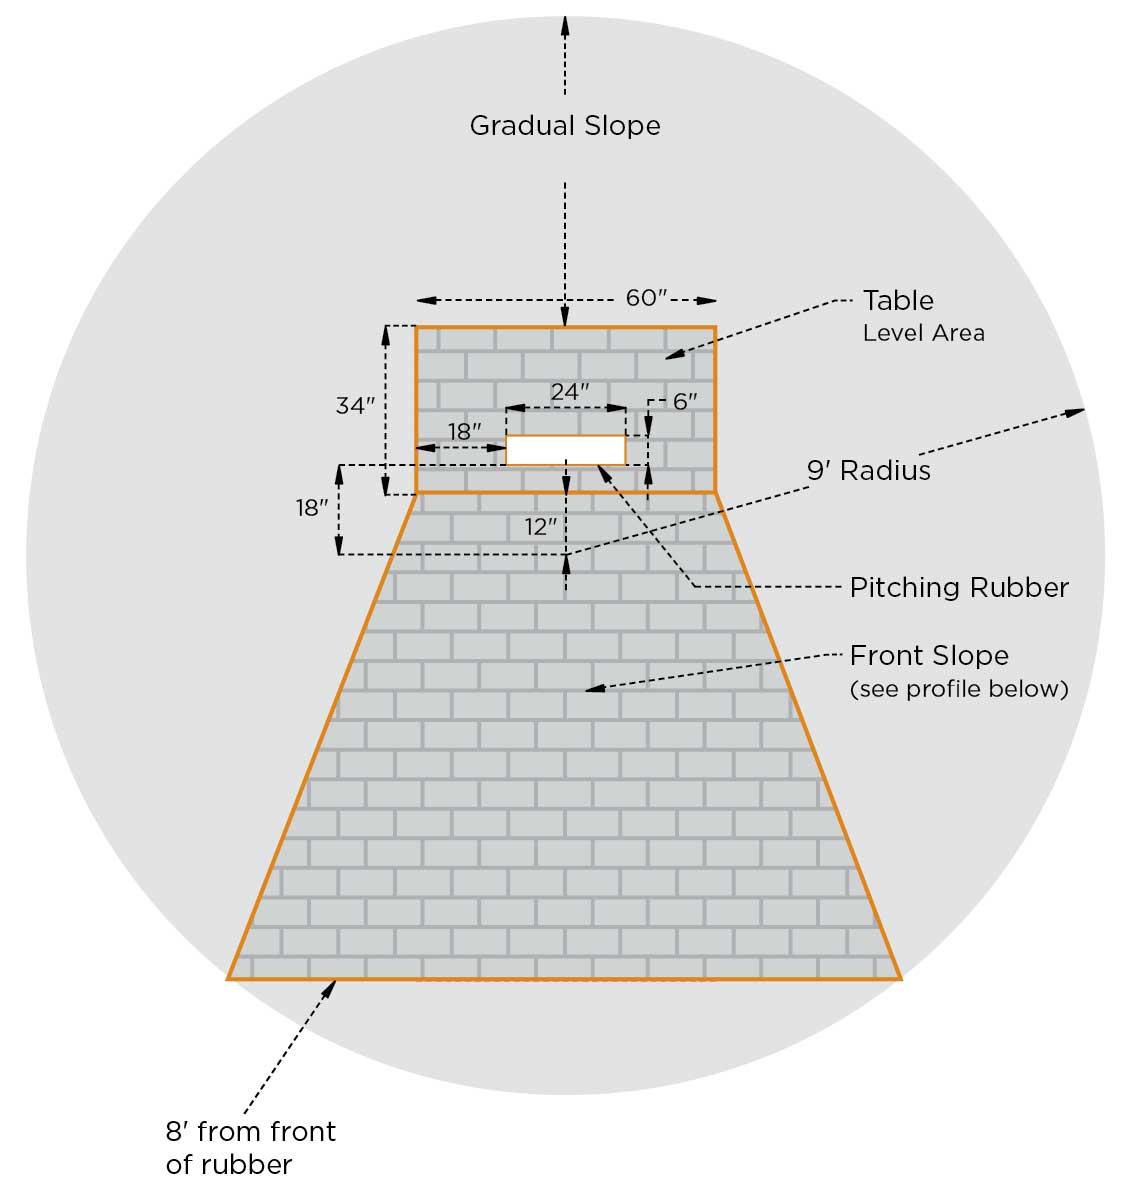 Mound 10-inch diagram